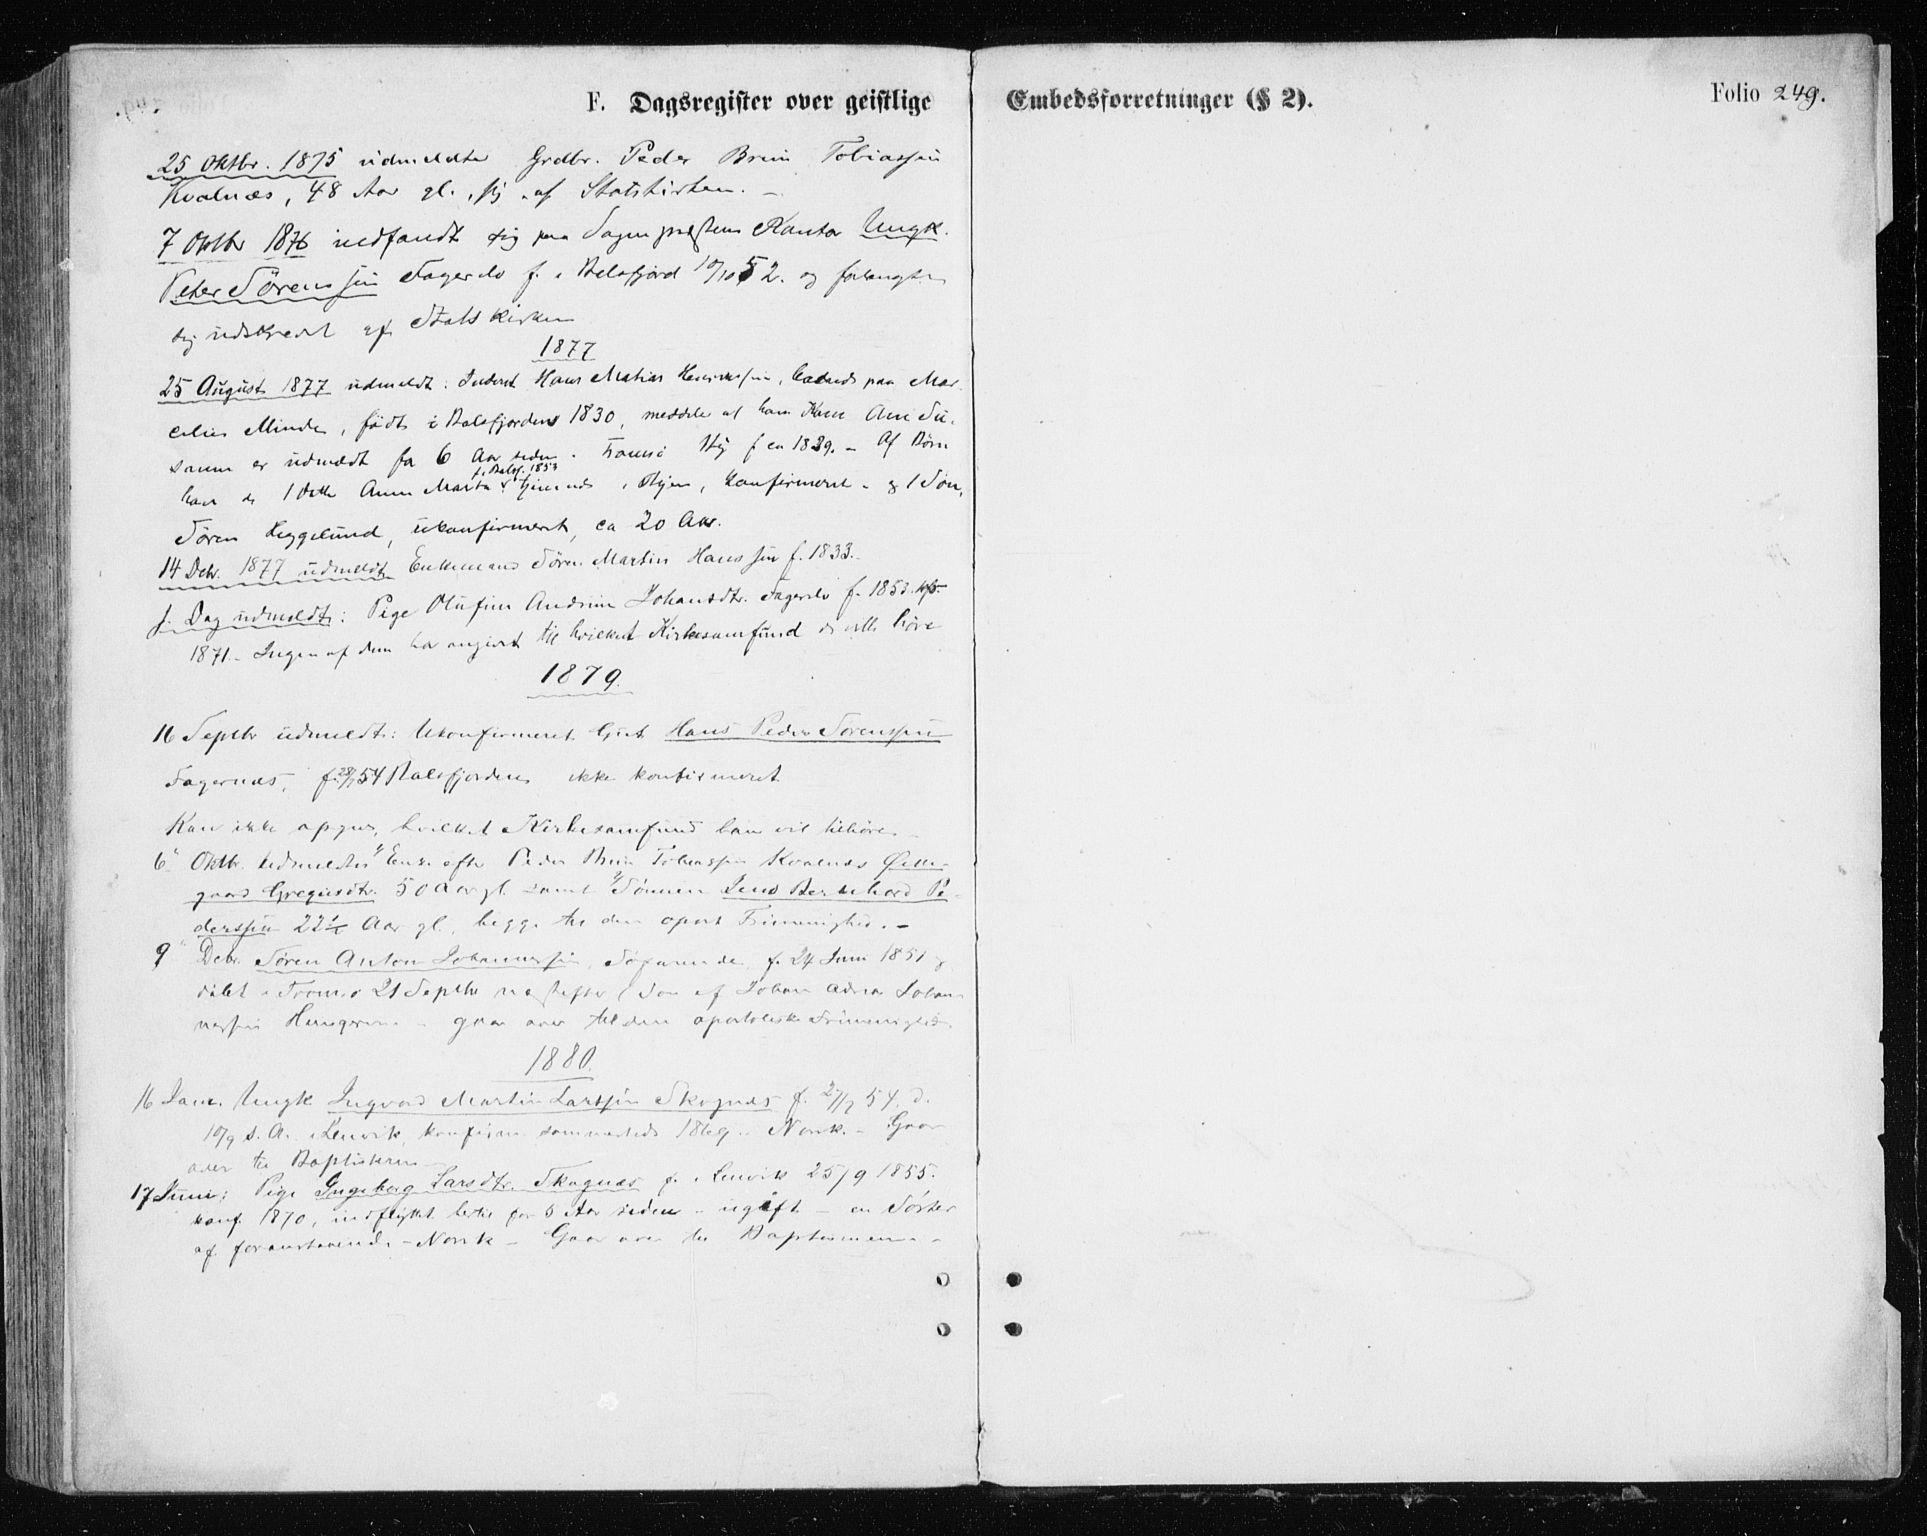 SATØ, Tromsøysund sokneprestkontor, G/Ga/L0003kirke: Parish register (official) no. 3, 1875-1880, p. 249